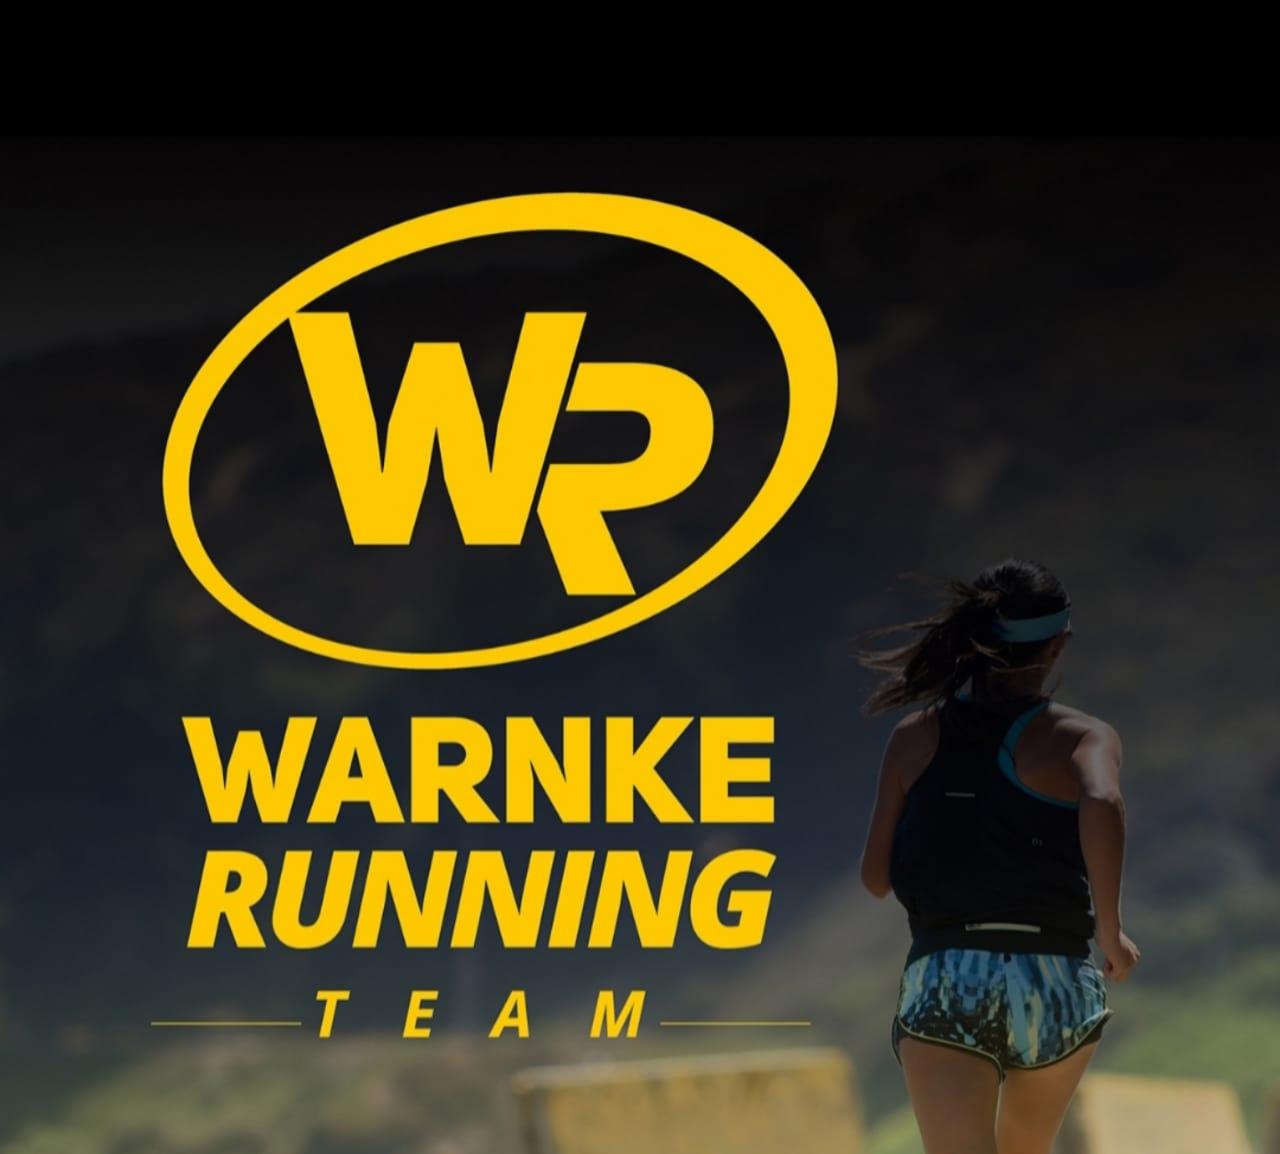 Warnke Running Team abre nuevo punto de entrenamiento en Viña del Mar